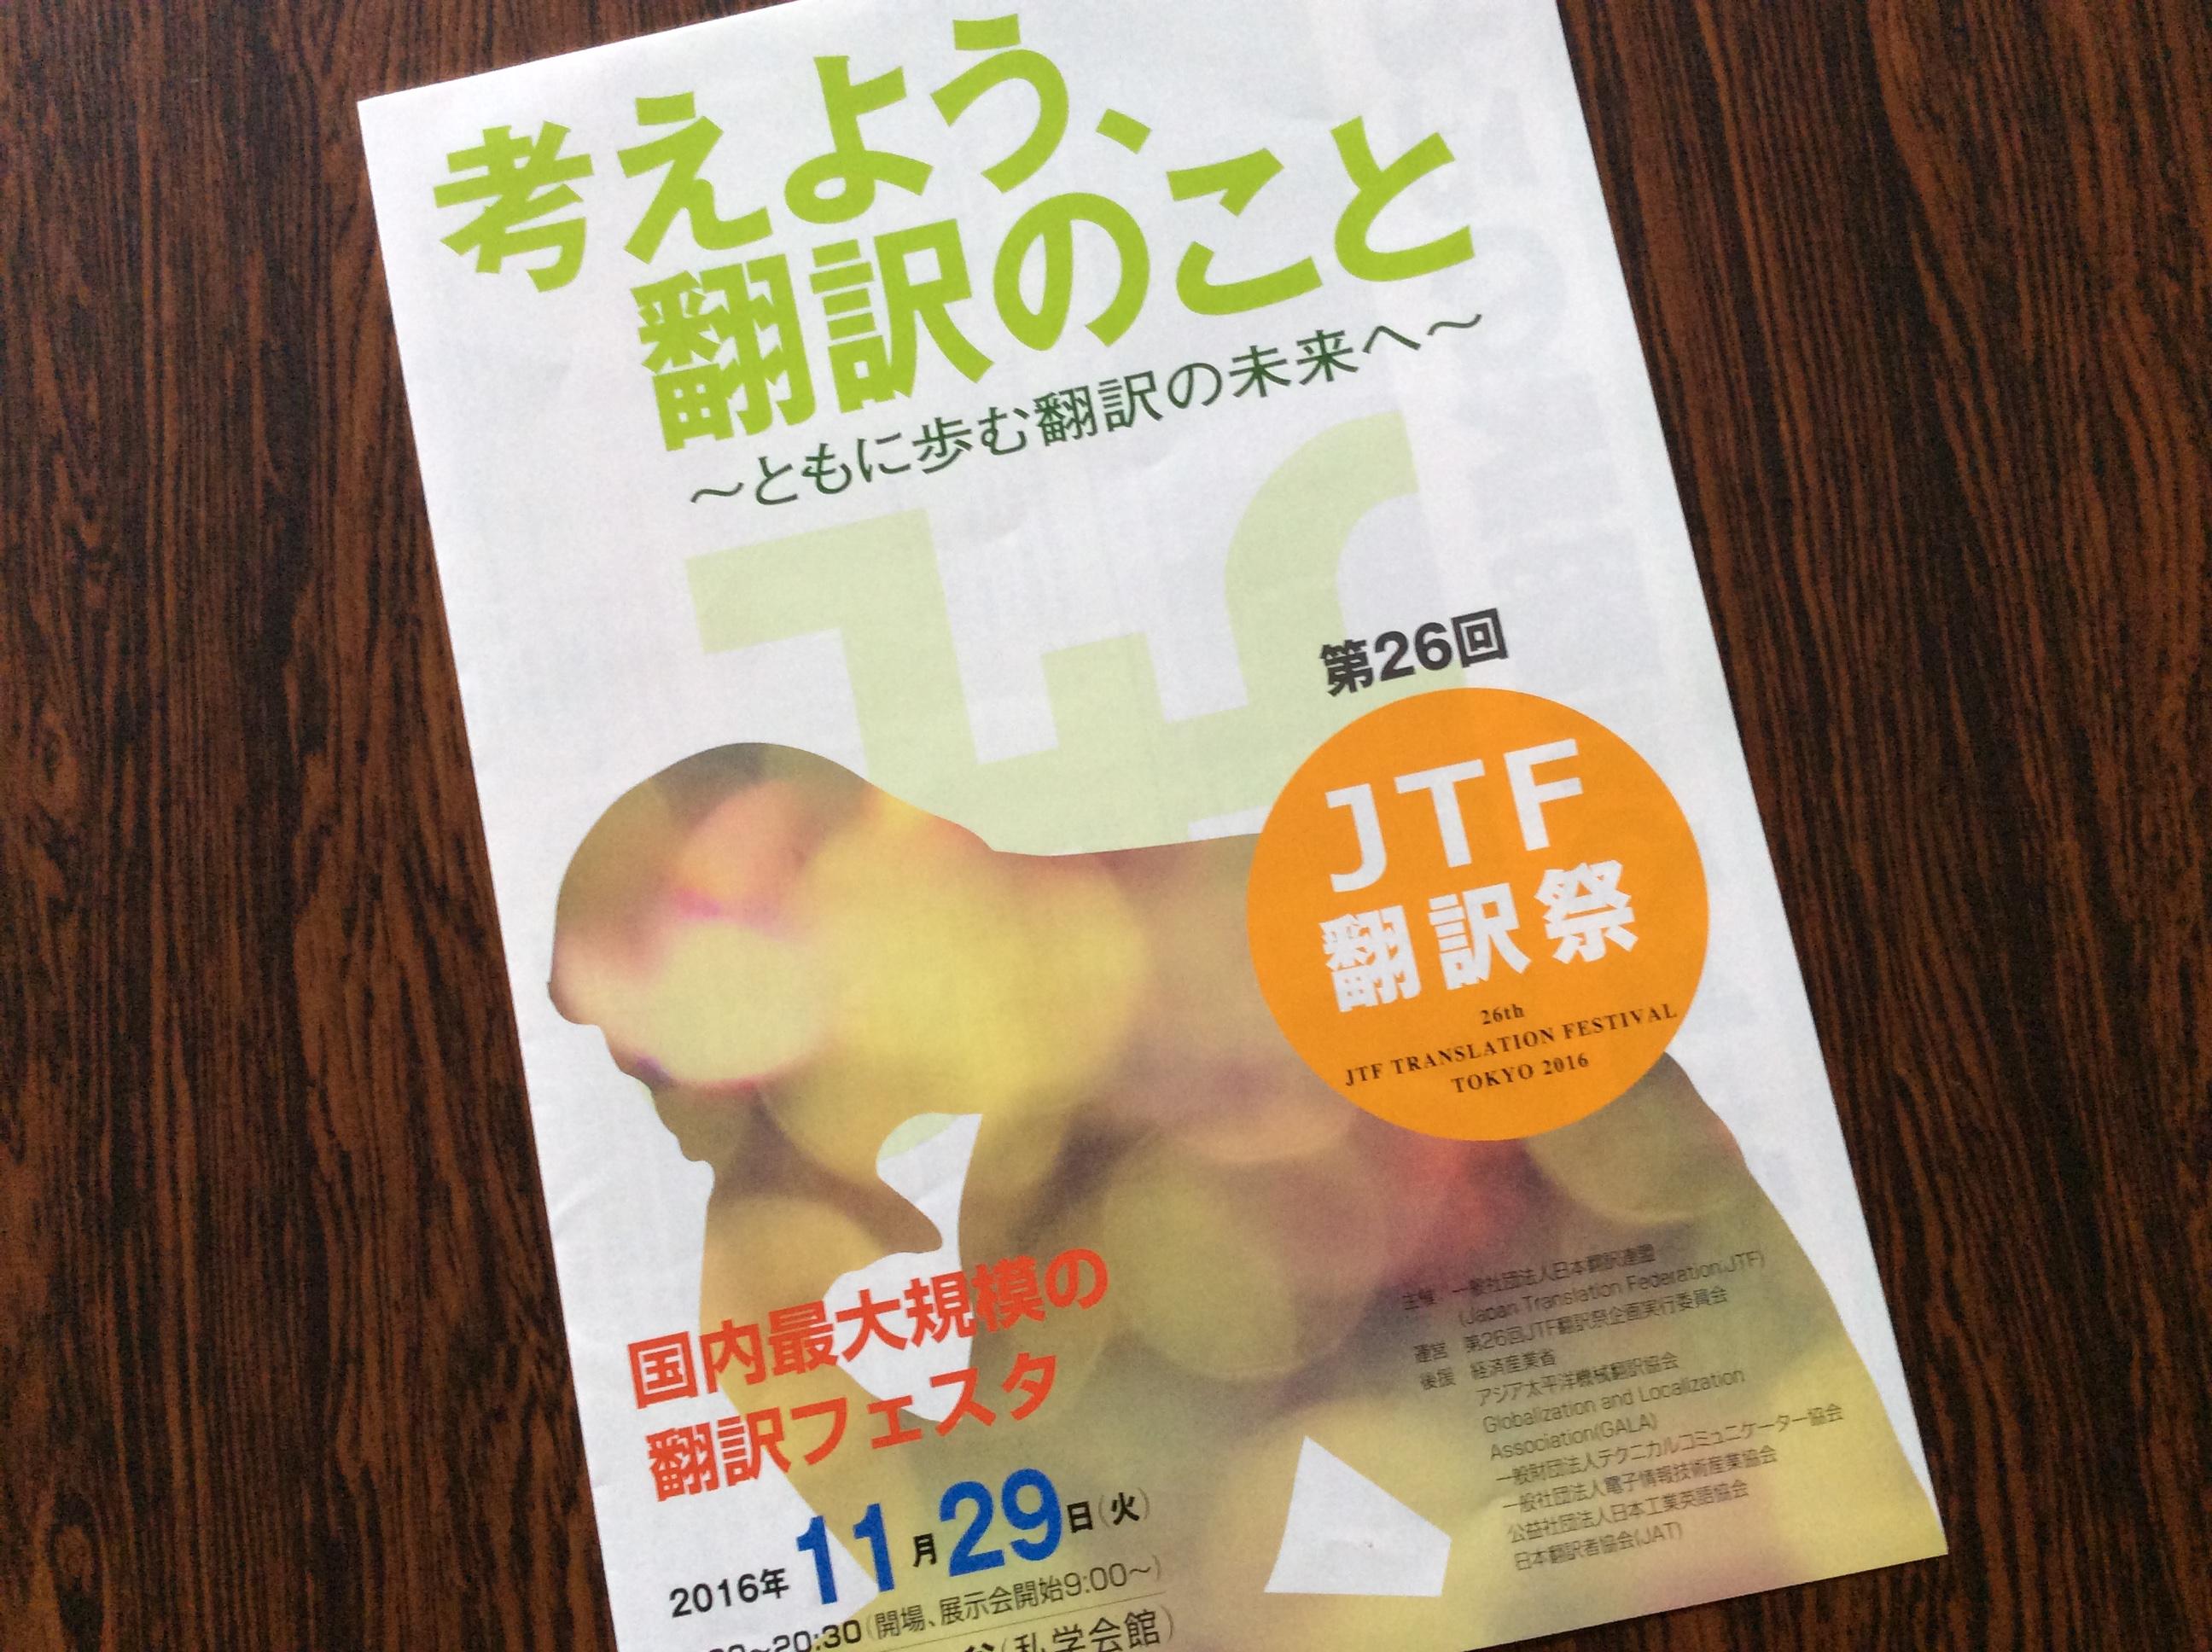 JTF翻訳祭パンフレット